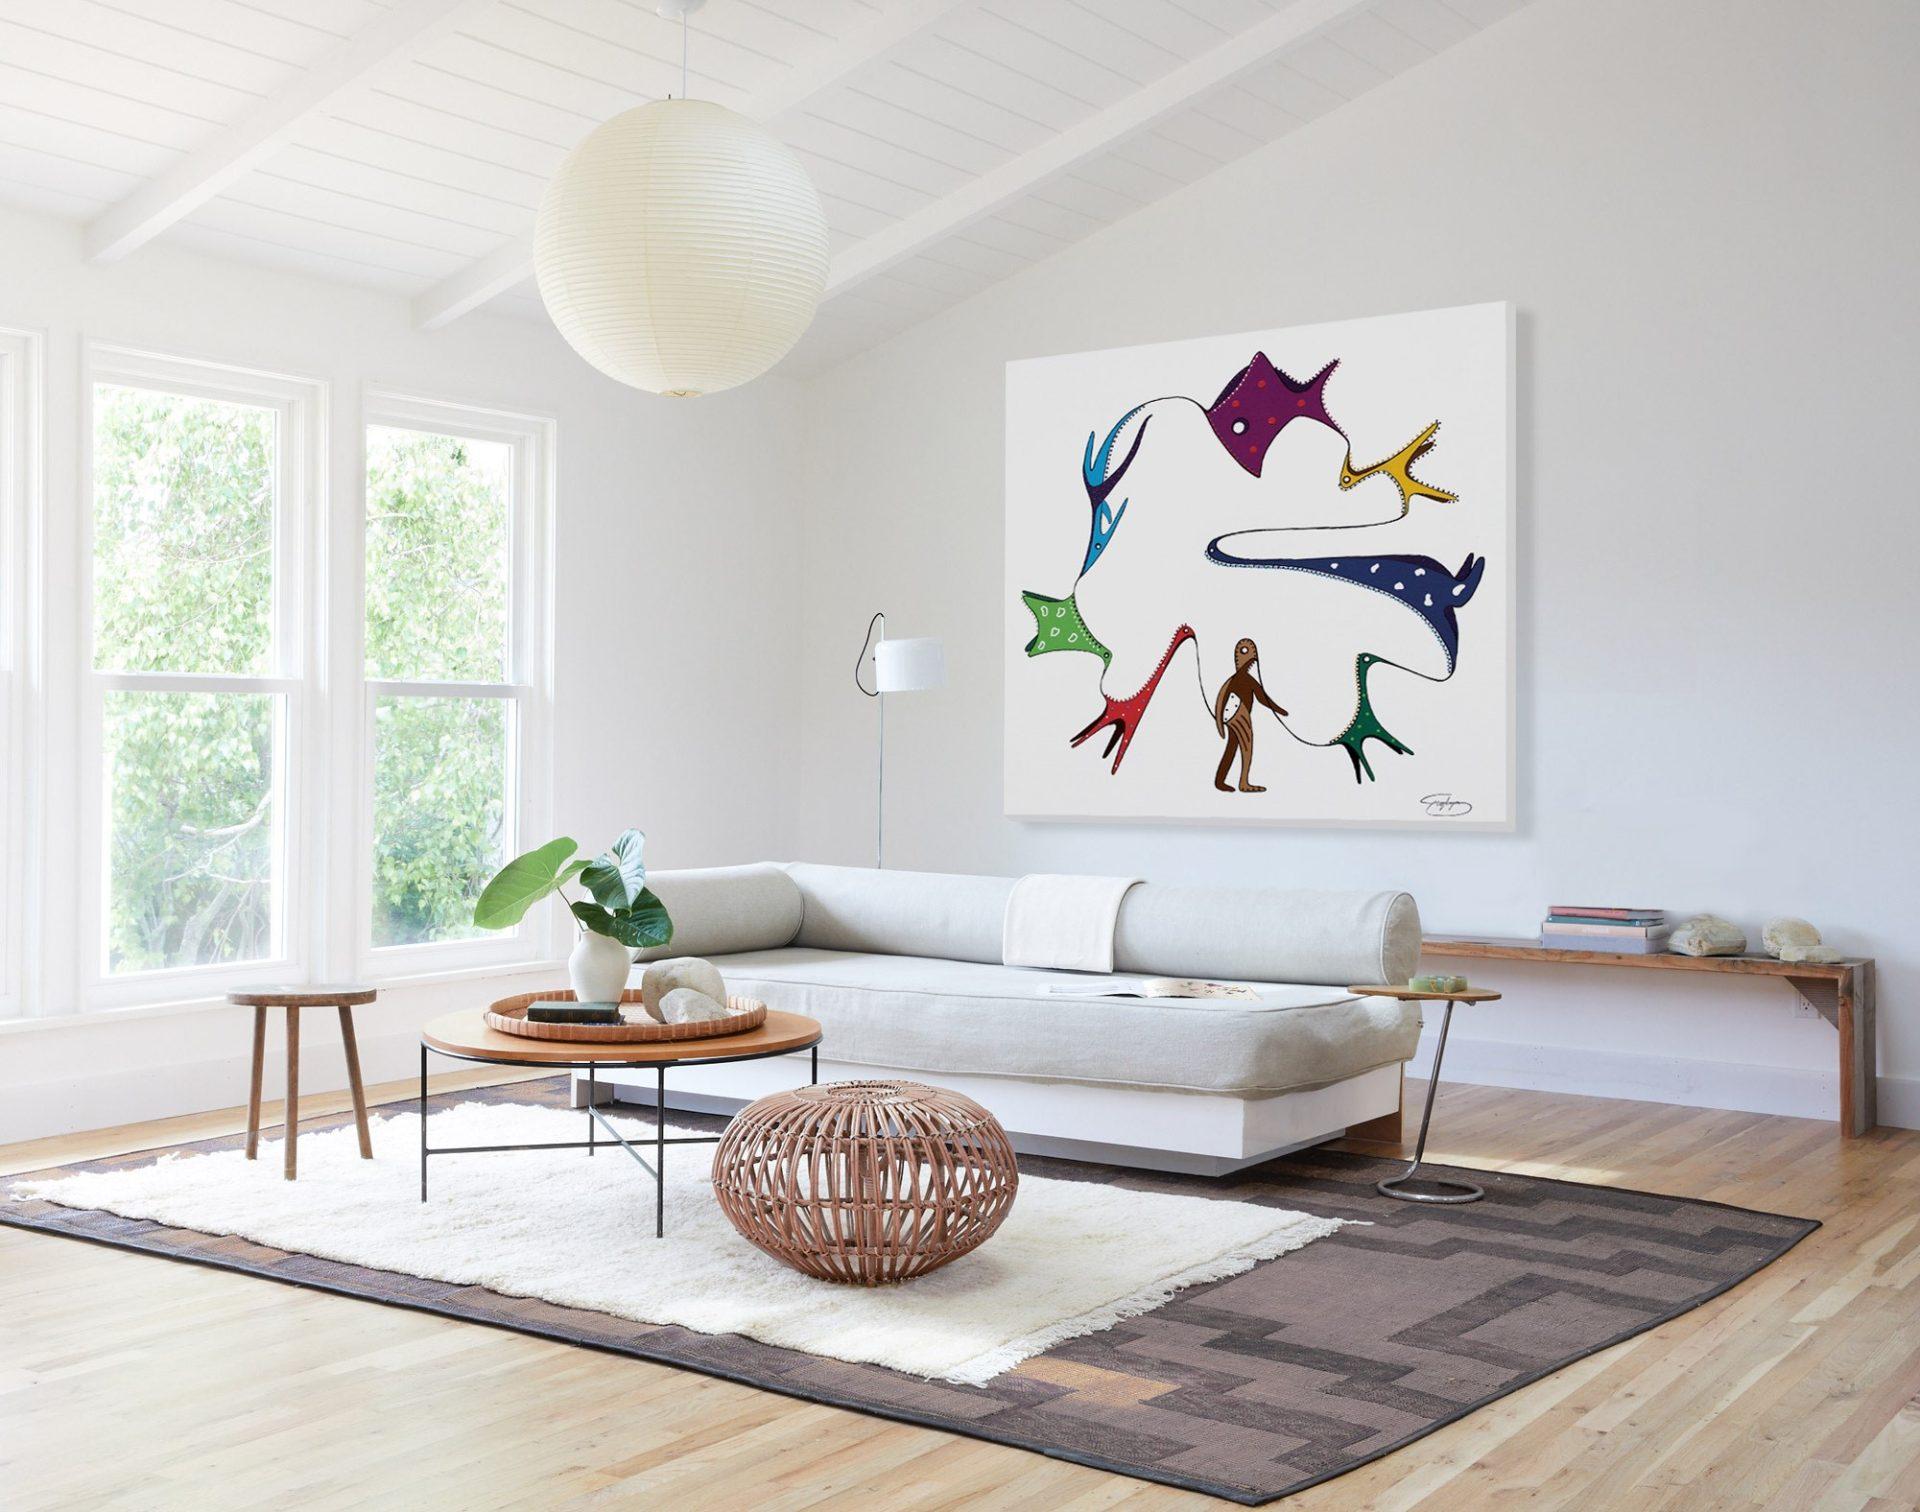 Toyism_Srylyn Painting Livingroom